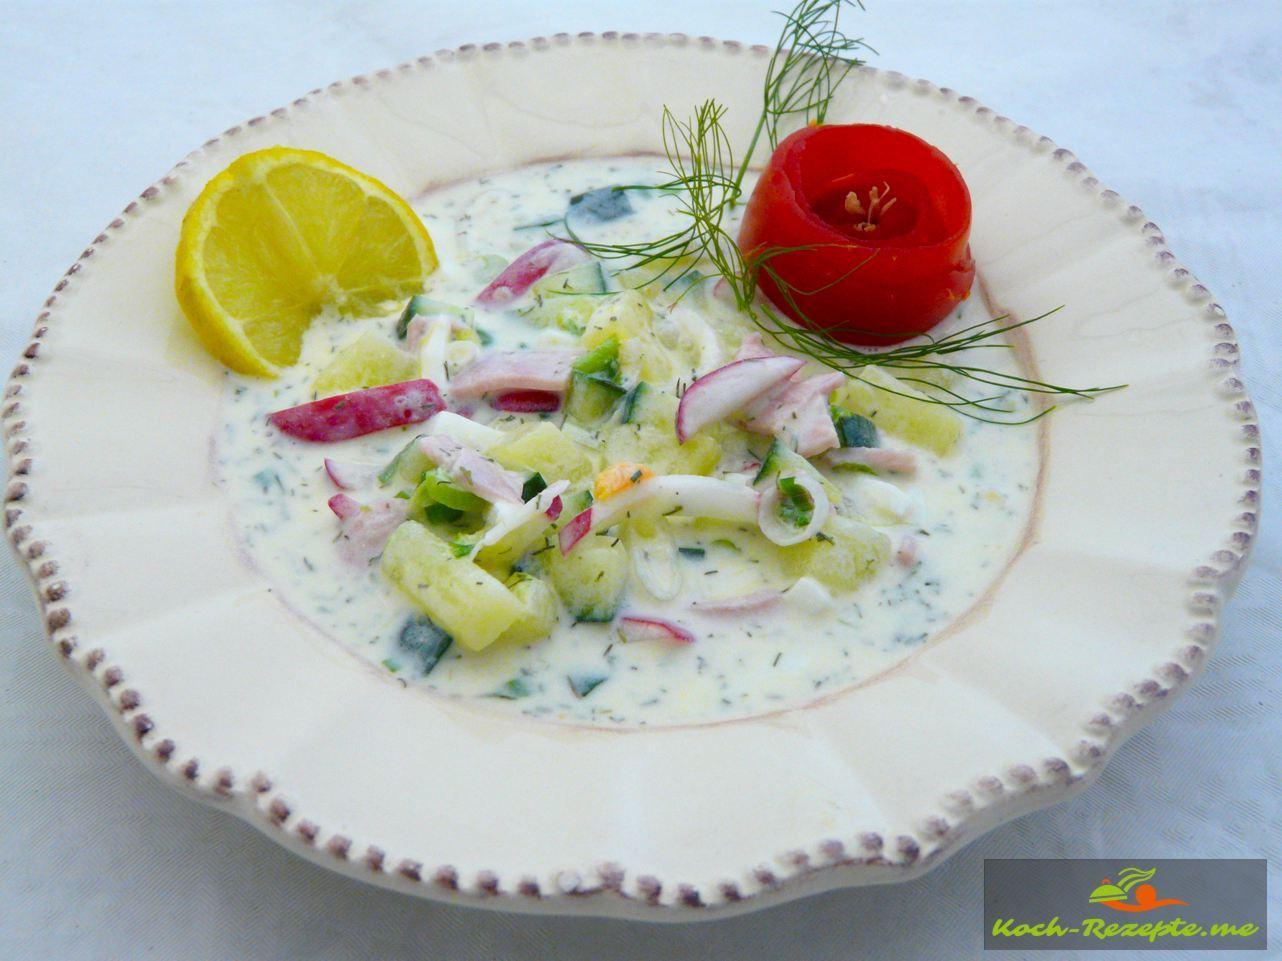 Okroschka kalte Suppe russische Sommersuppe